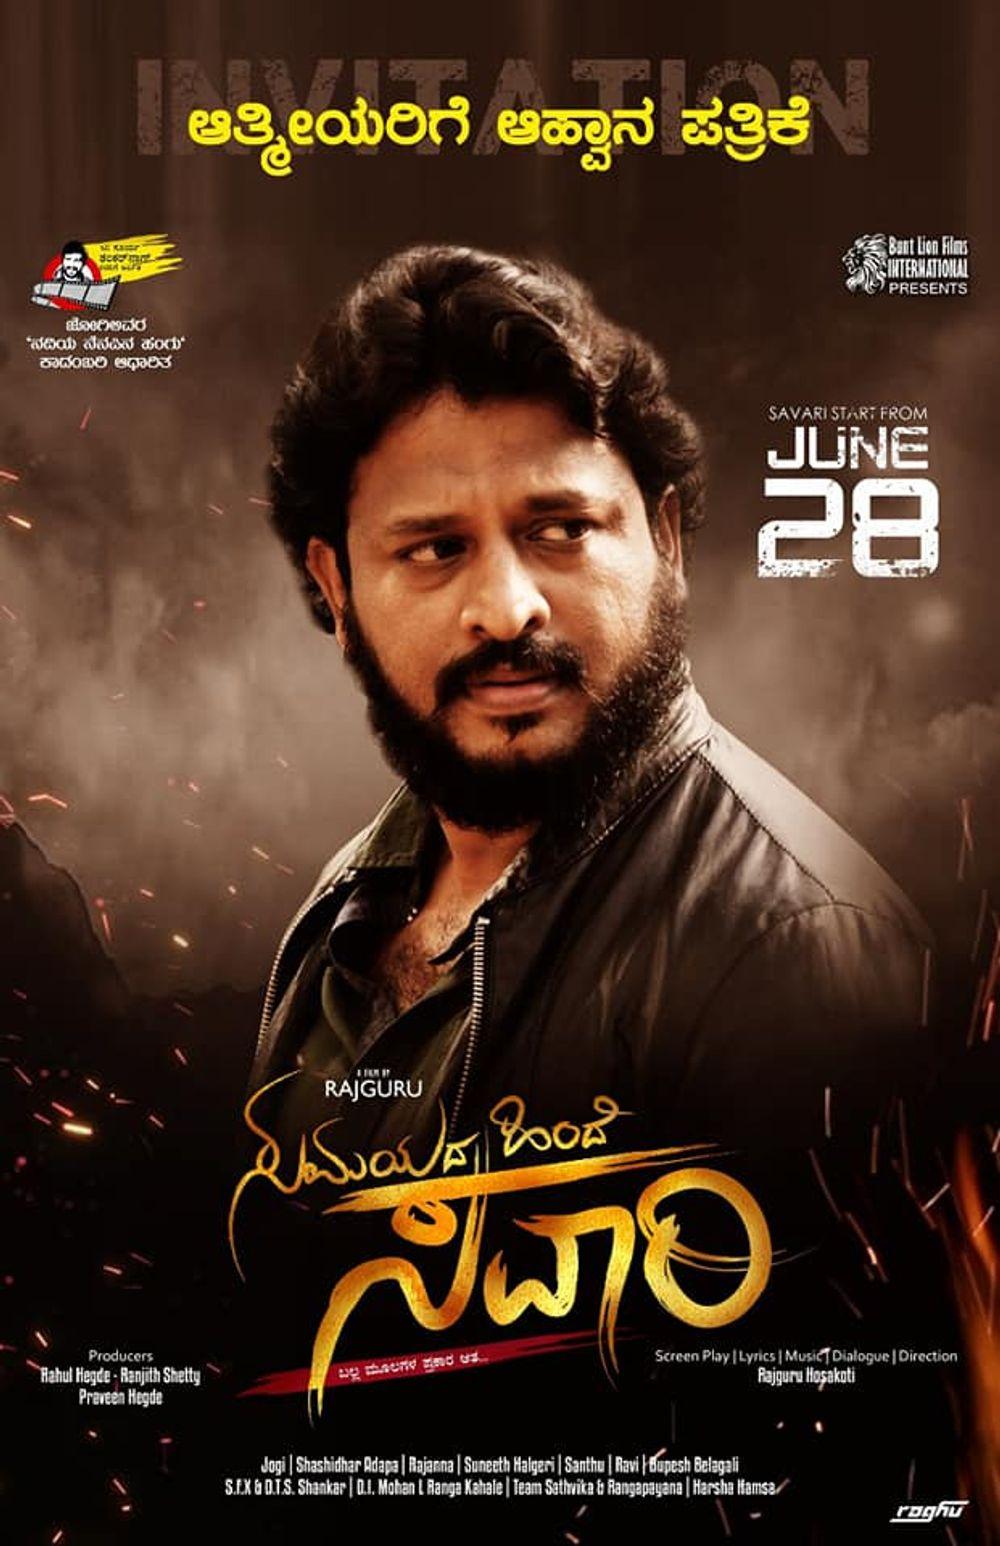 Samayada Hinde Savari Movie Review